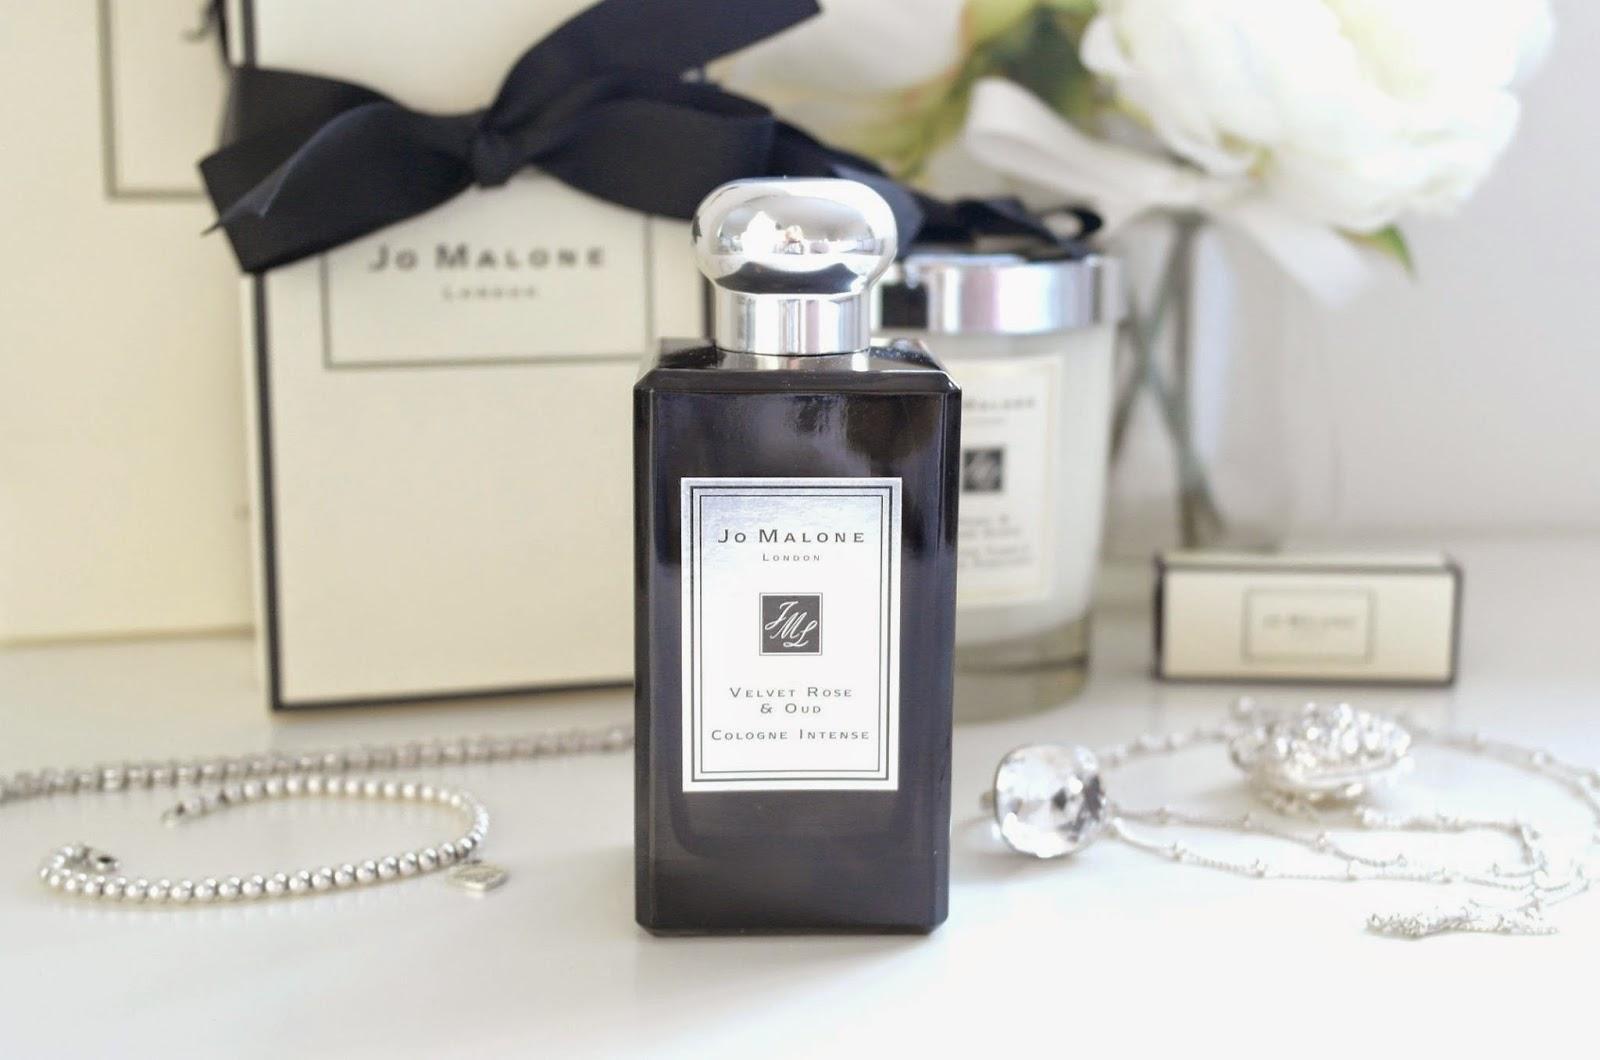 Jo Malone Velvet Rose & Oud Cologne Review, Beauty Blogger